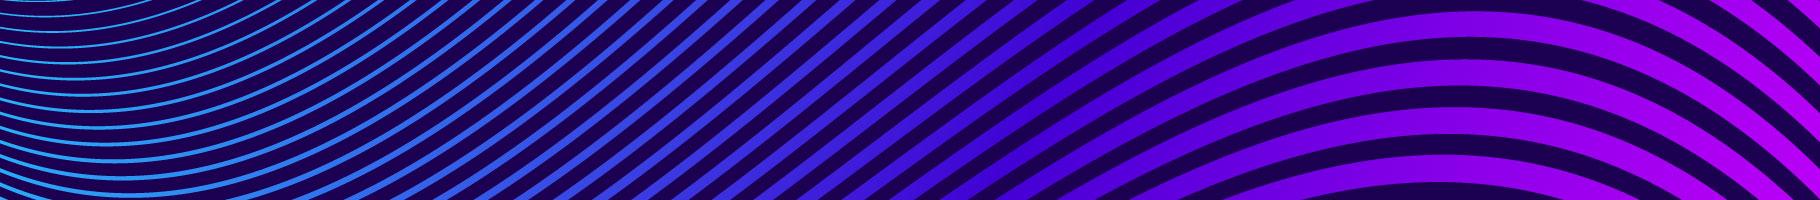 Fontbonne University wave graphic